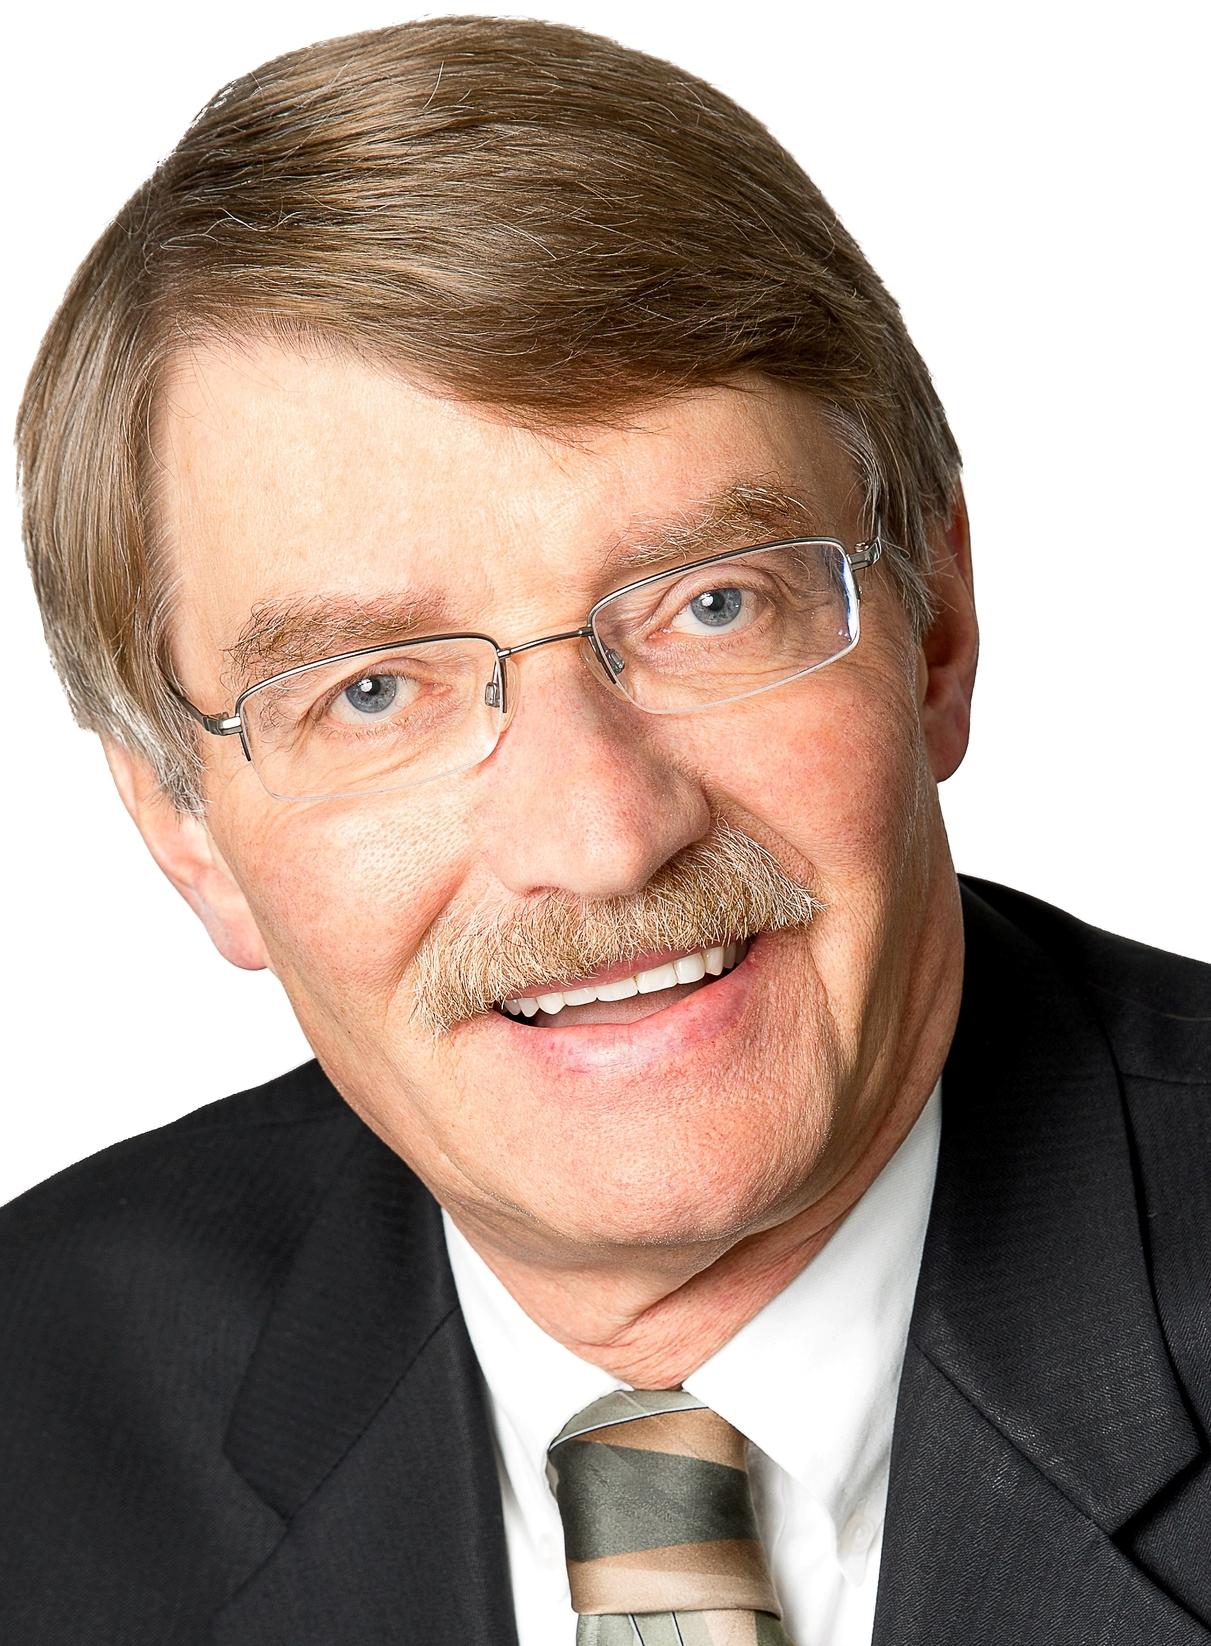 Bert Cottle